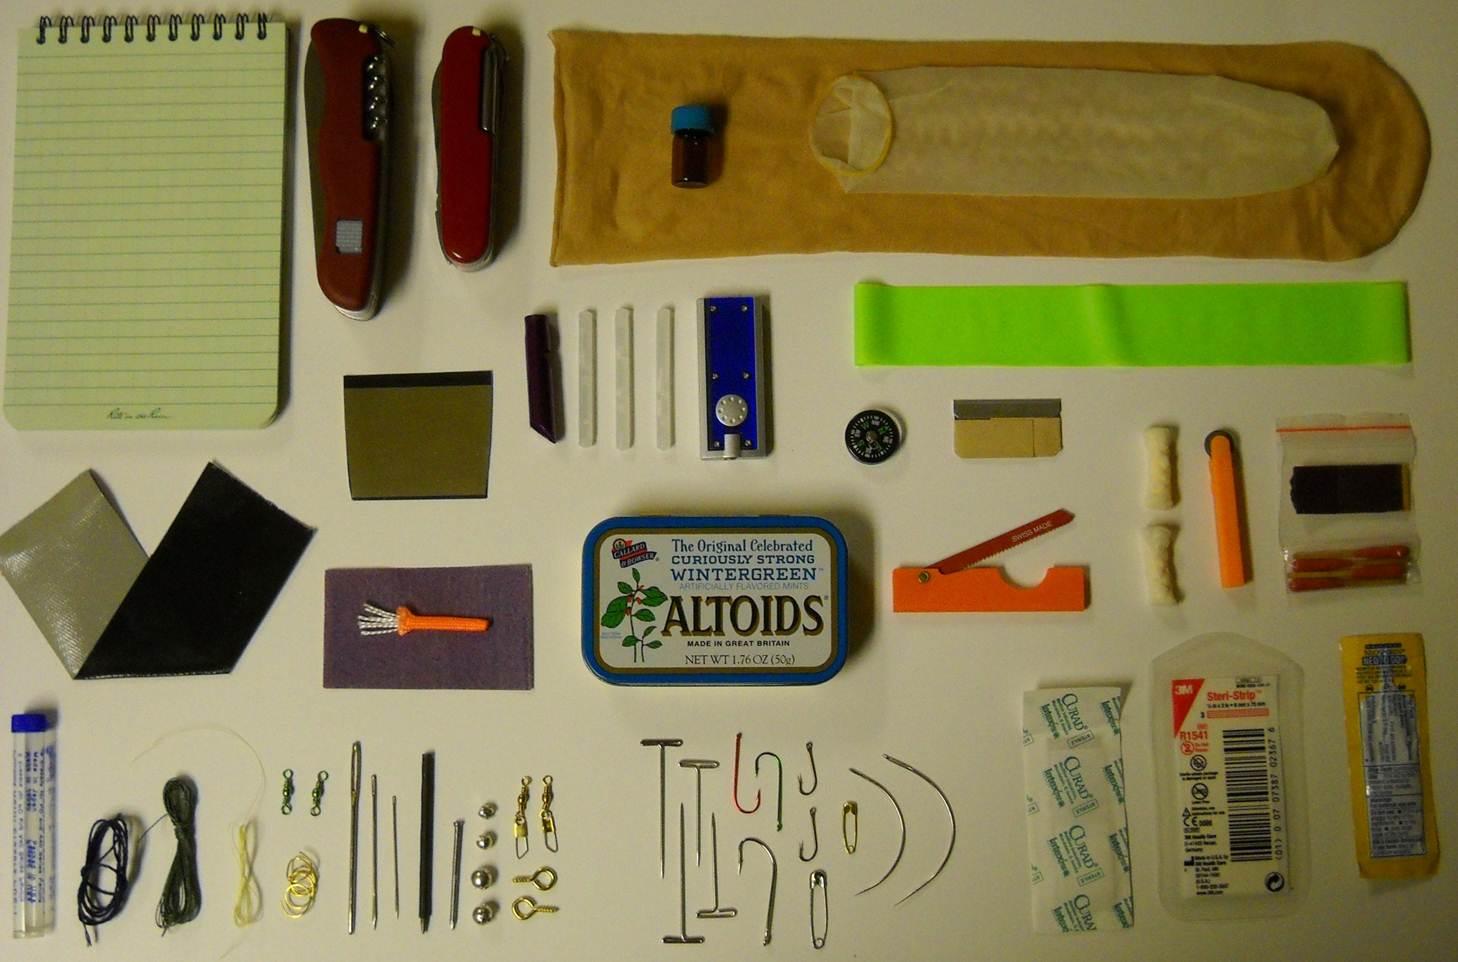 Uncle AZ's Altoids Survival Kit